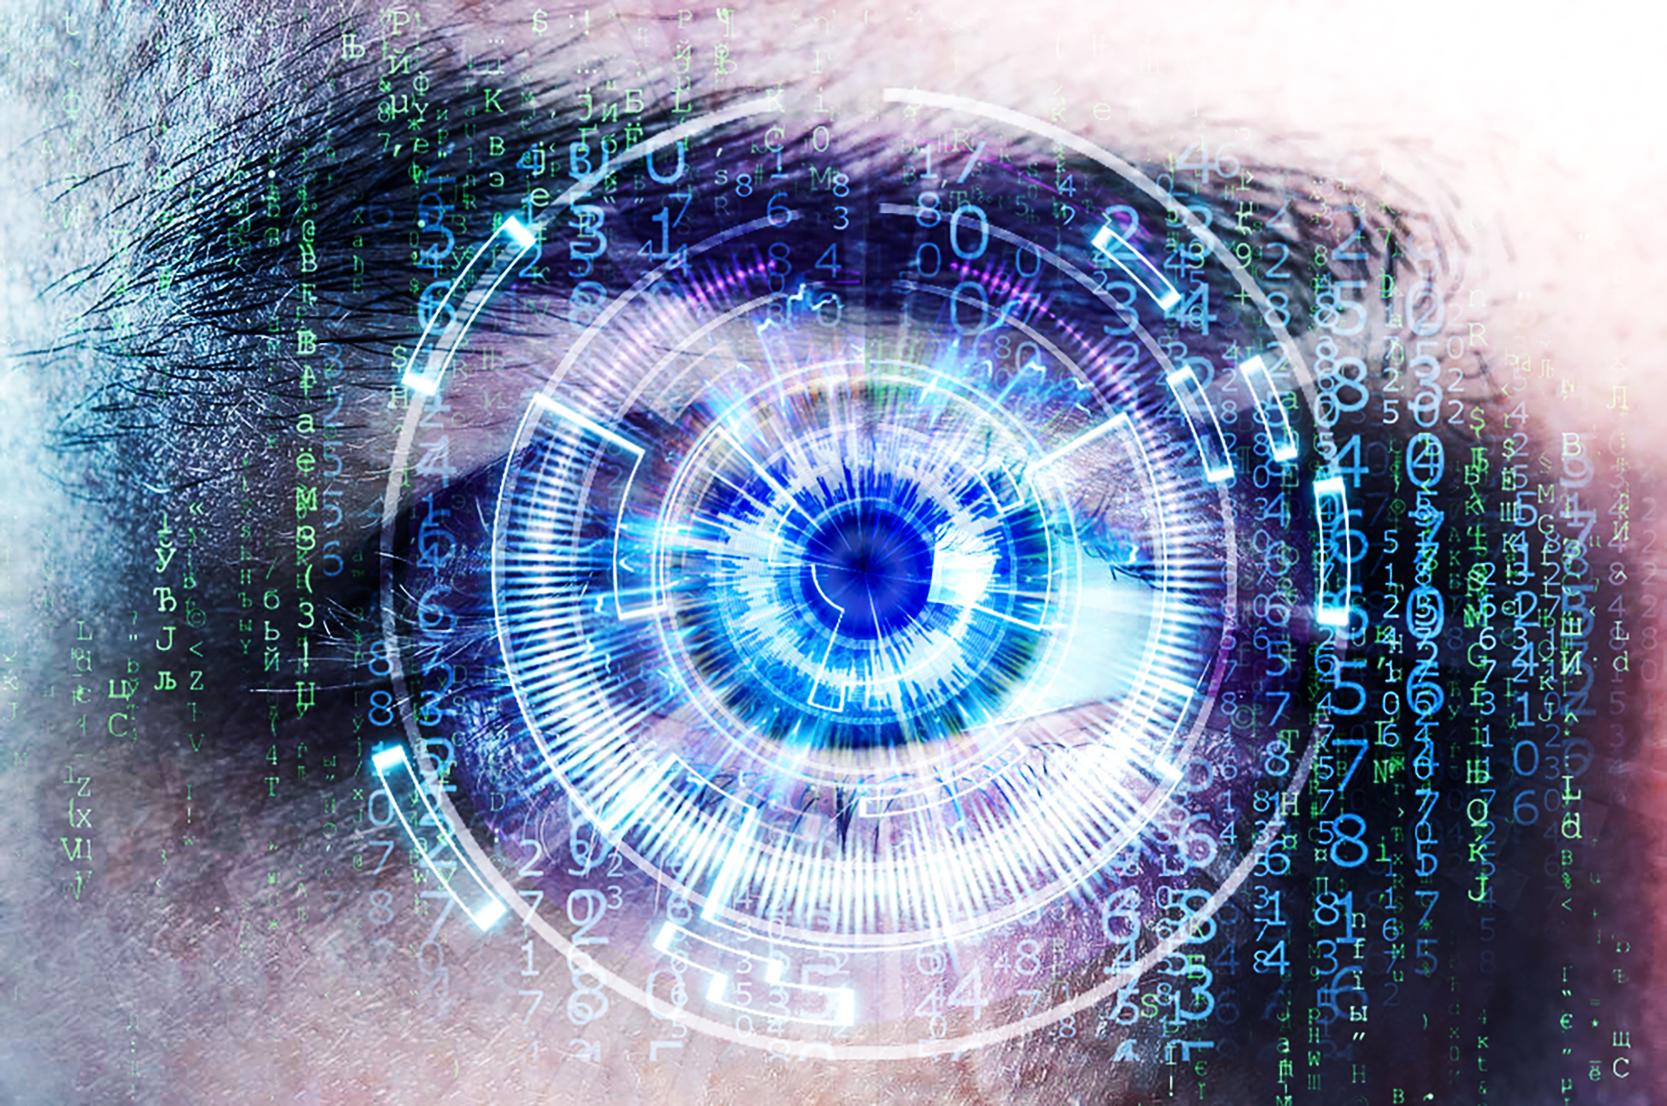 Creata una IA che classifica le personalità in base al movimento degli occhi